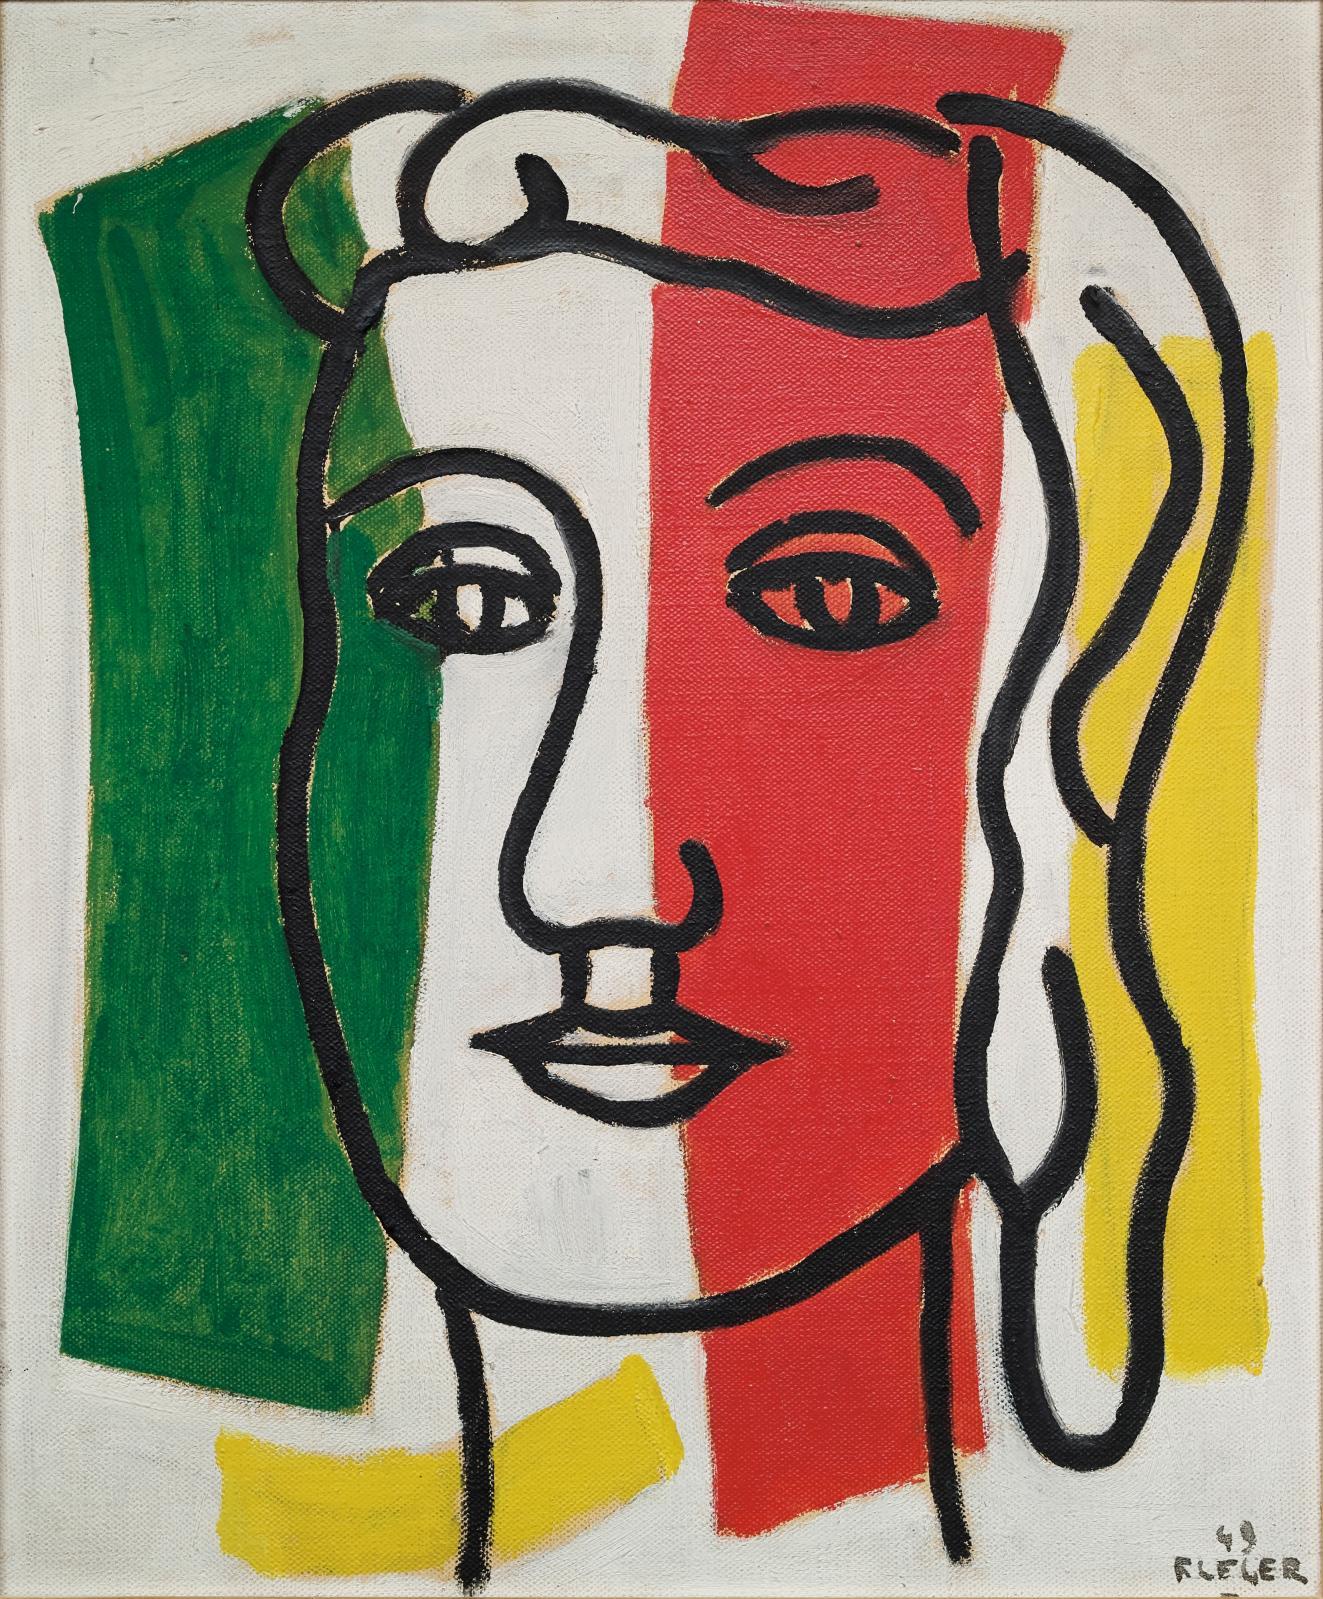 Fernand Léger (1881-1955), Portrait de Marguerite Lesbats (détail), 1949, huile sur toile, 46x38cm. Estimation: 200000/300000€